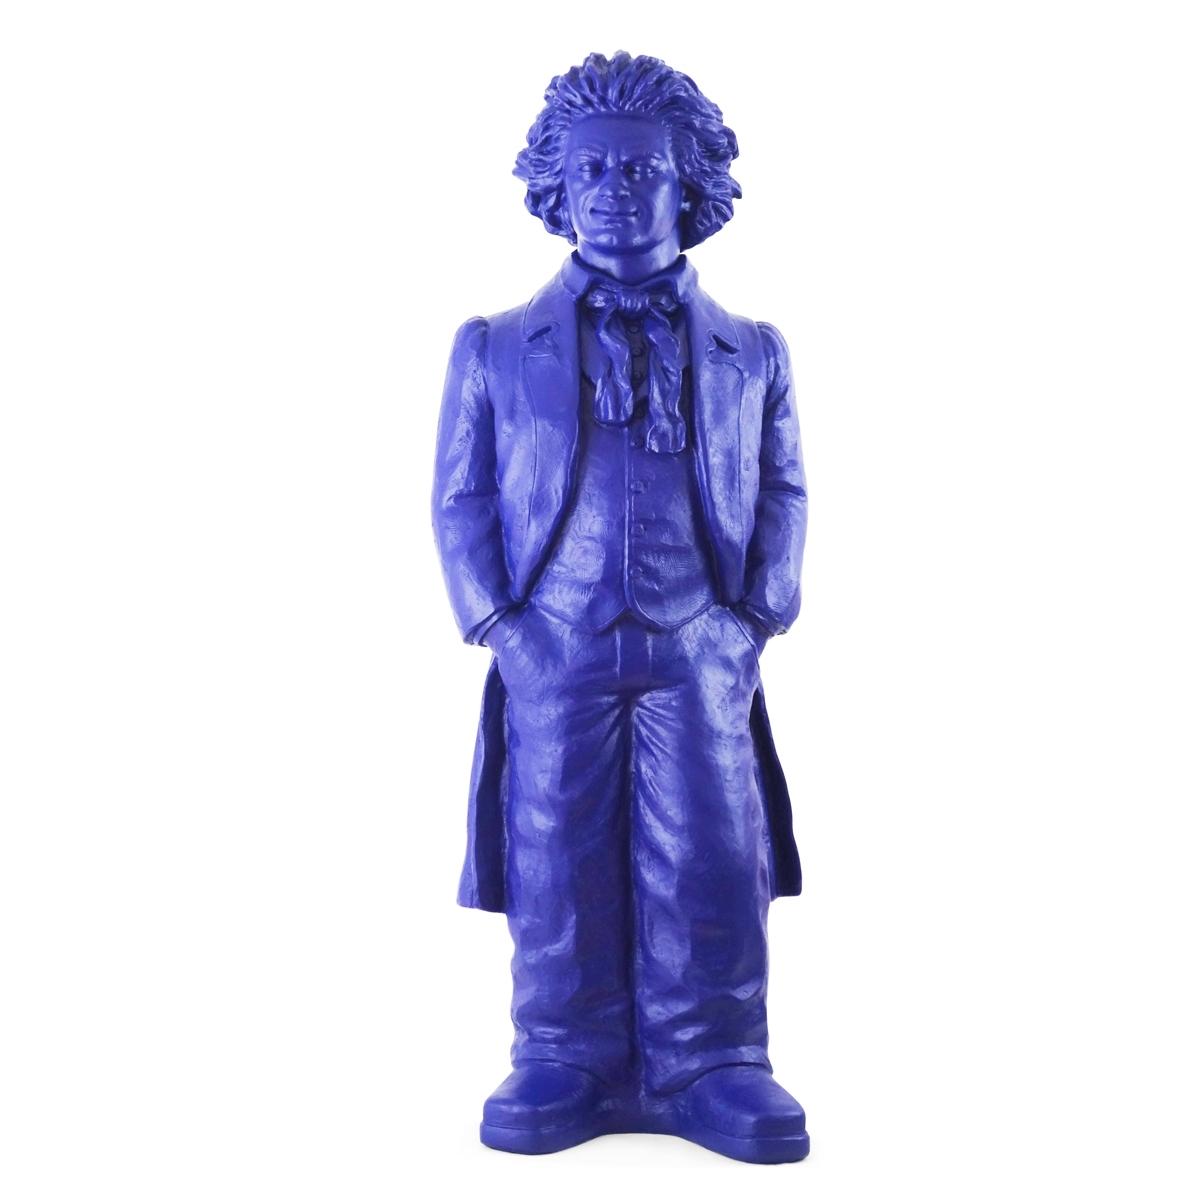 Ludwig van Beethoven - nachtblau